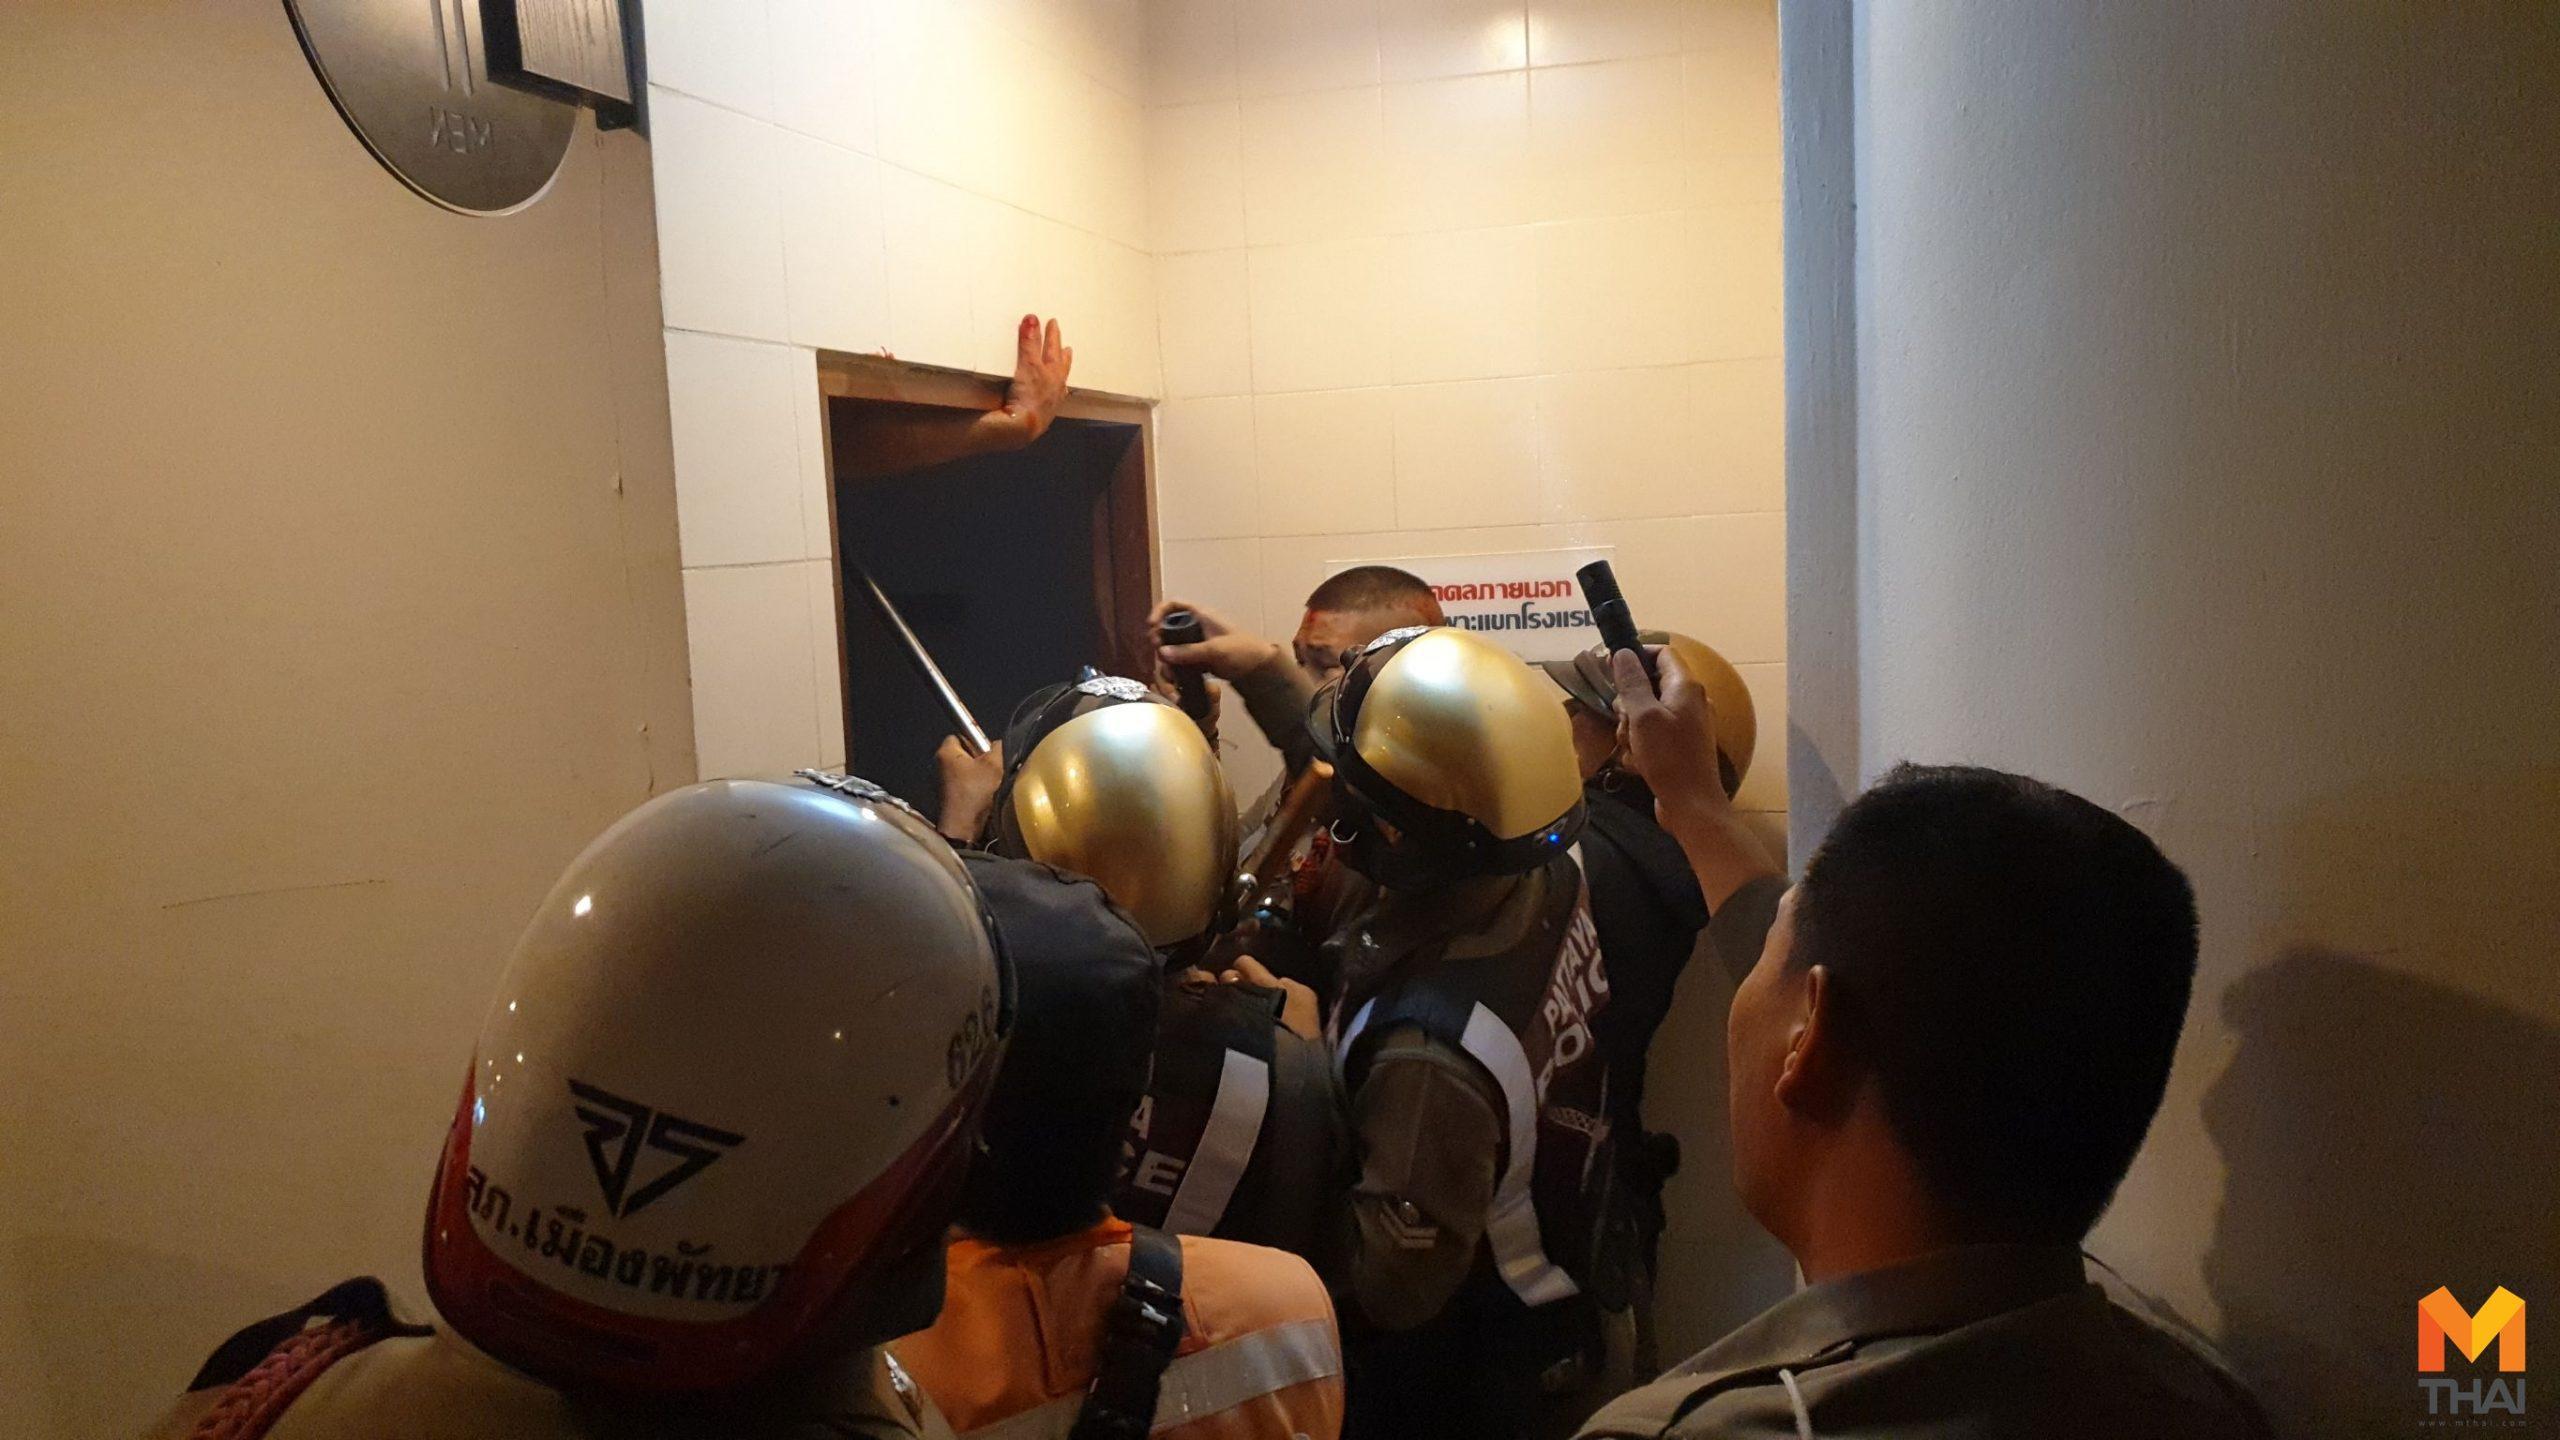 เปิดคลิป!! หนุ่มคลั่งบุกพังโรงแรมเมืองพัทยา ตำรวจเข้าห้ามเจ็บ 3 ราย